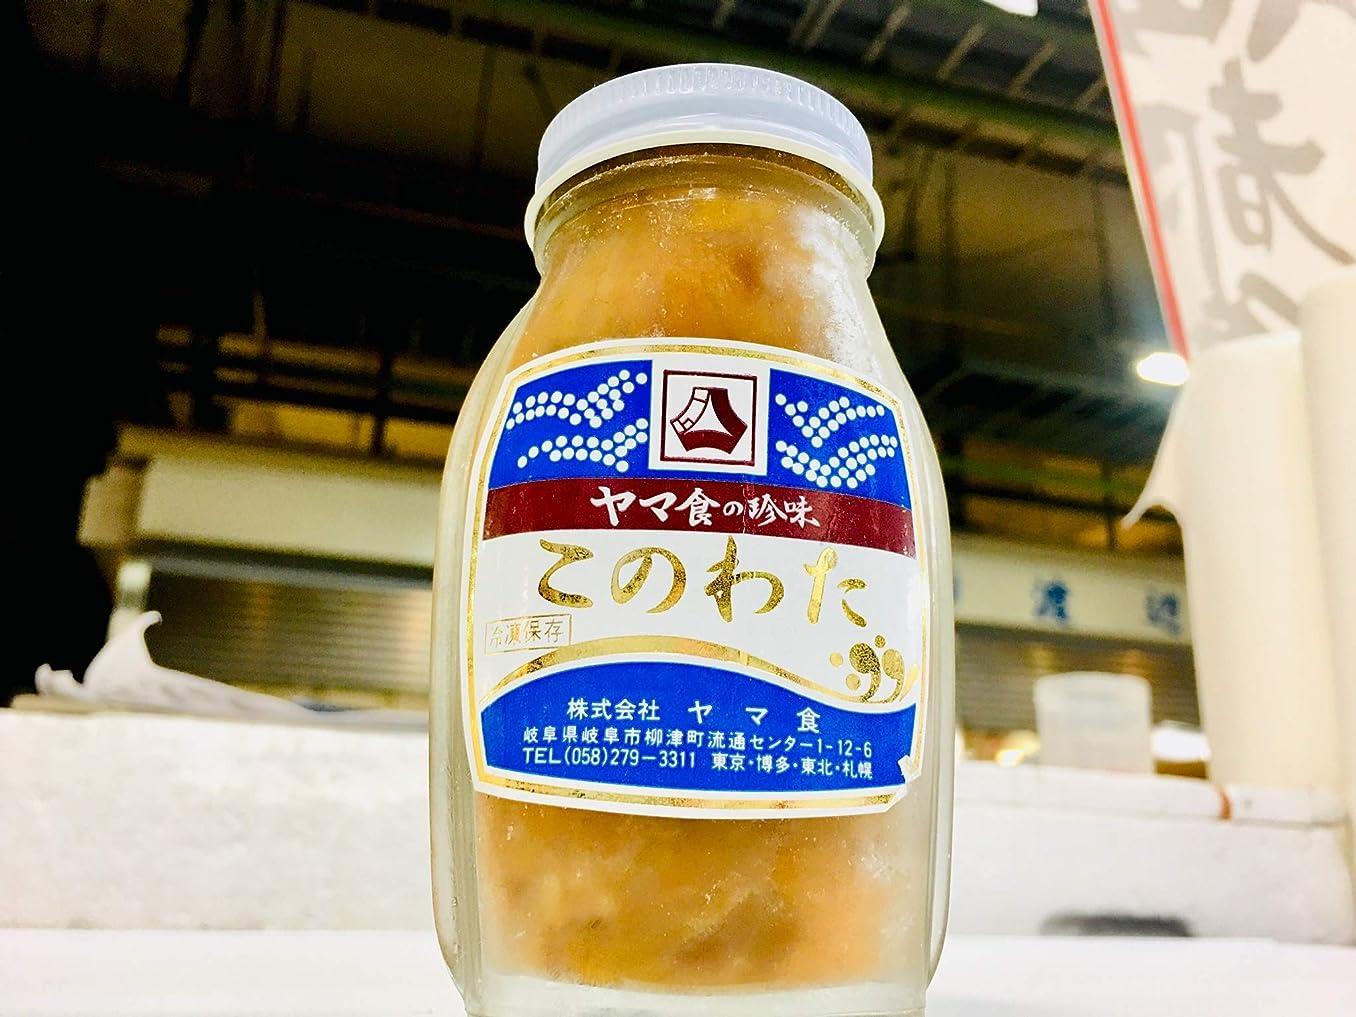 非難メロドラマページ国産 このわた 110g 日本三大珍味 なまこの腸の塩辛は酒の肴に!